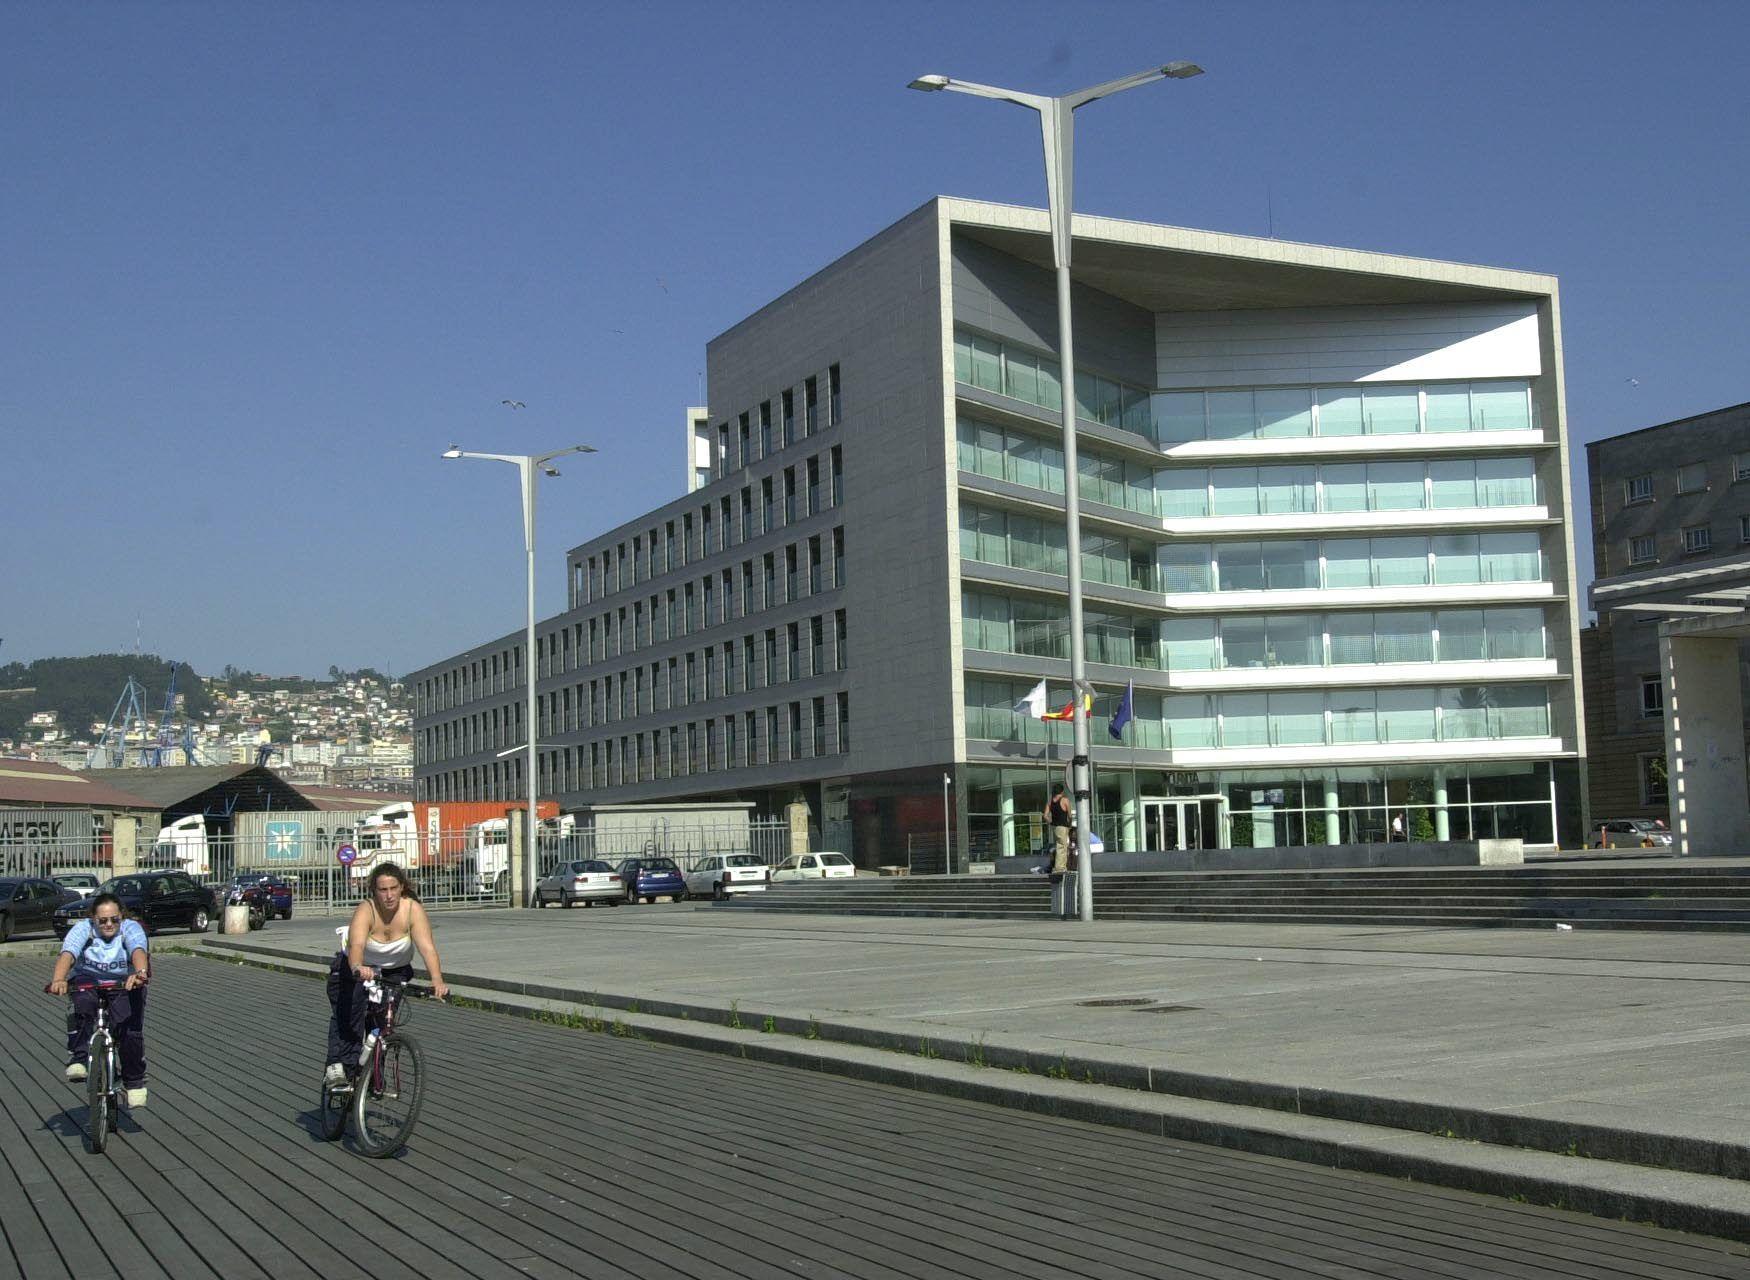 Los arquitectos que cambiaron Vigo: Bonell-Gill, Francisco Javier Sáenz de Oiza , Luis Vidal, Thom Mayne y Pedro de la Puente.